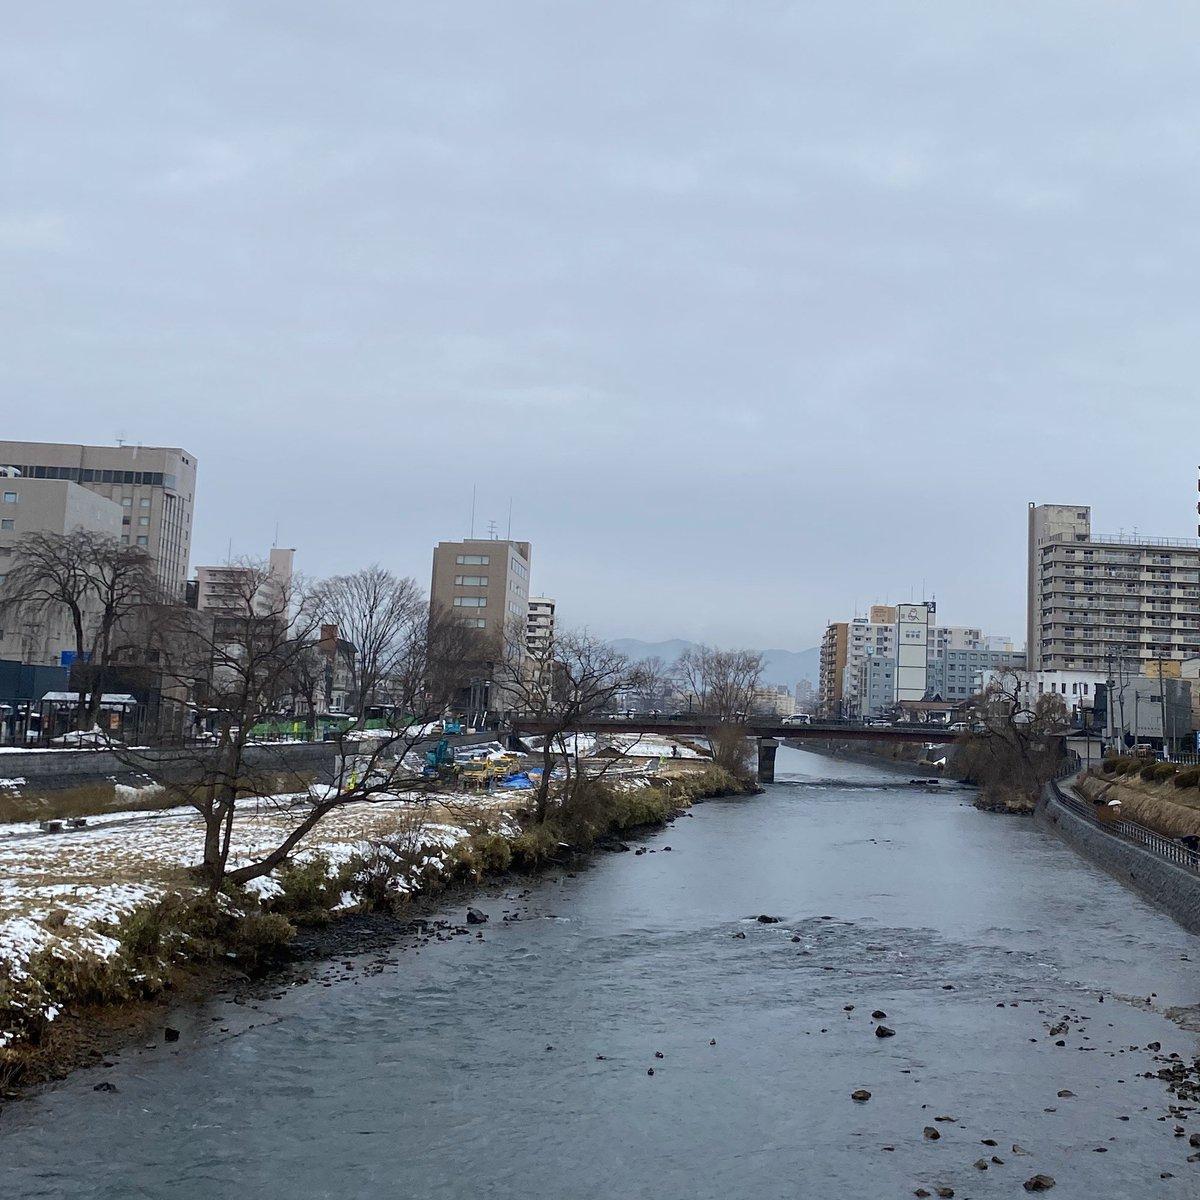 2020/02/13 盛岡市の開運橋から撮影。みなさま、体調管理に気をつけてお過ごしください。 #岩手 #盛岡 #北上川 #岩手においでよ